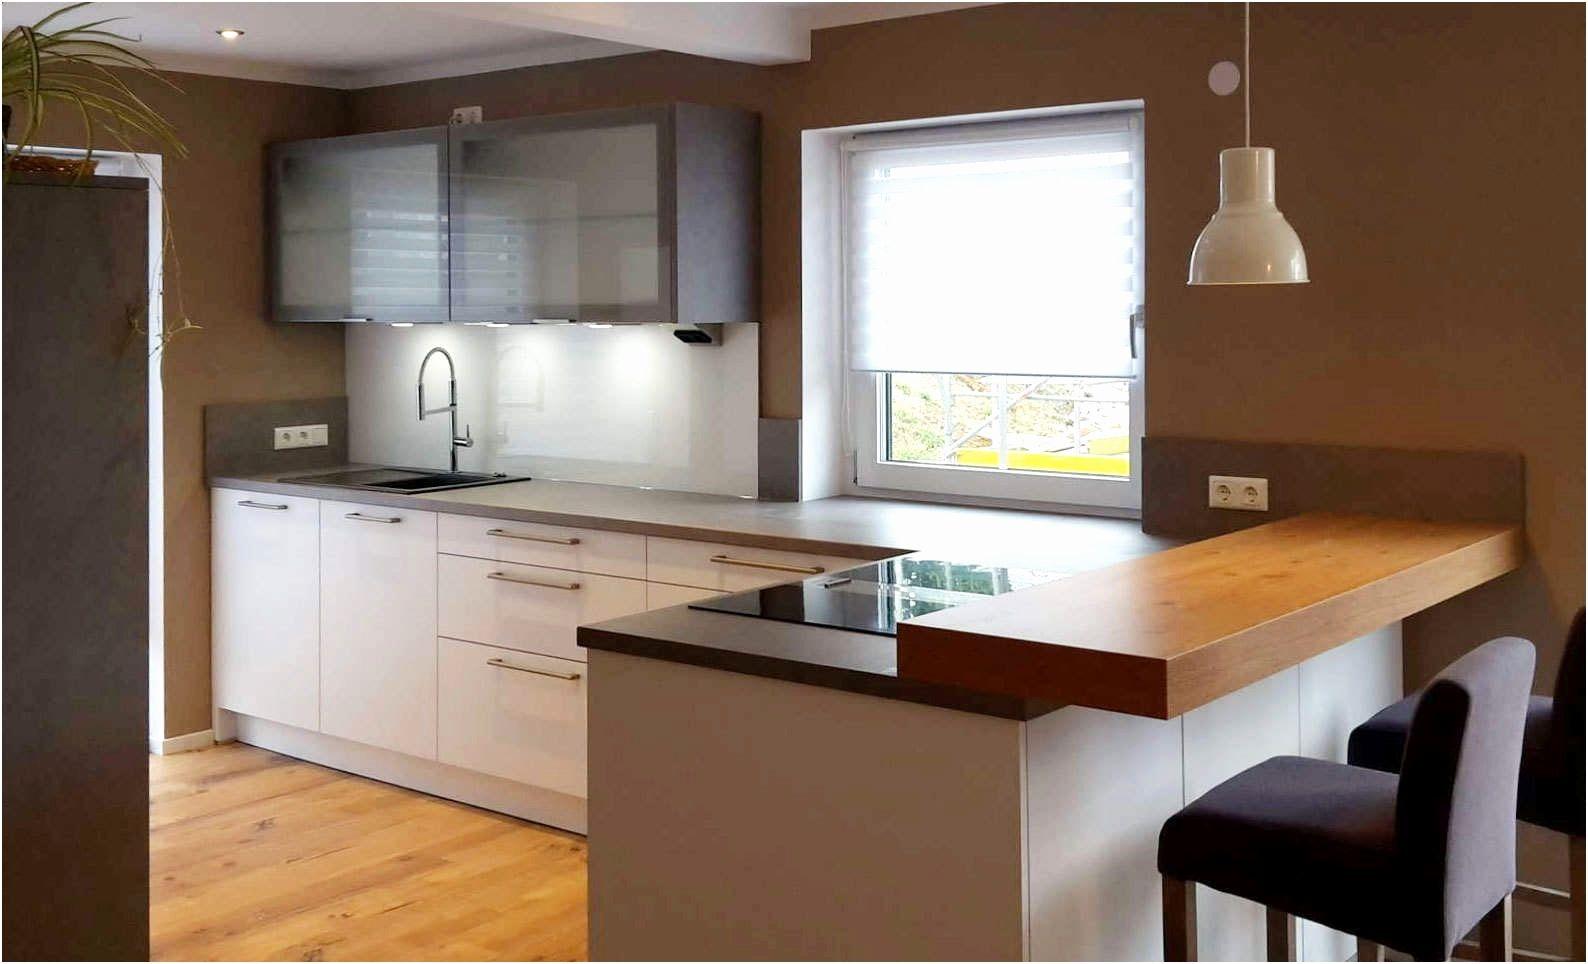 Bildergebnis für küche l form mit theke  Wohnungseinrichtung